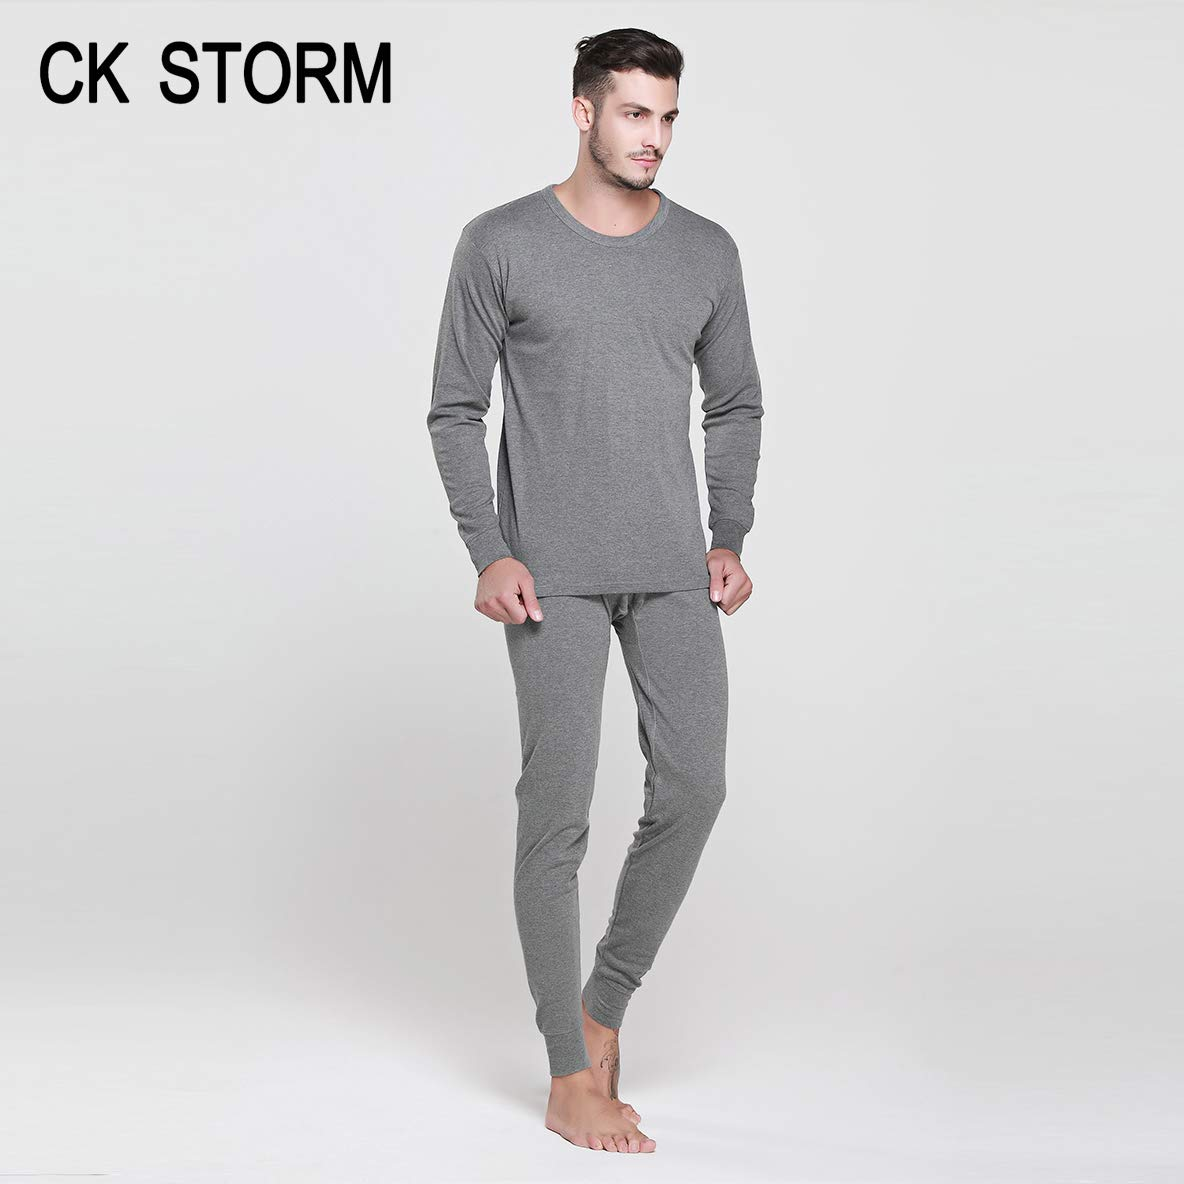 CK STORM Qiuyi Qiukuベーシックスタイル秋と冬の新しい男性のシームレスな高織りコーマ綿ラウンドネック基本下着セットギフトボックス